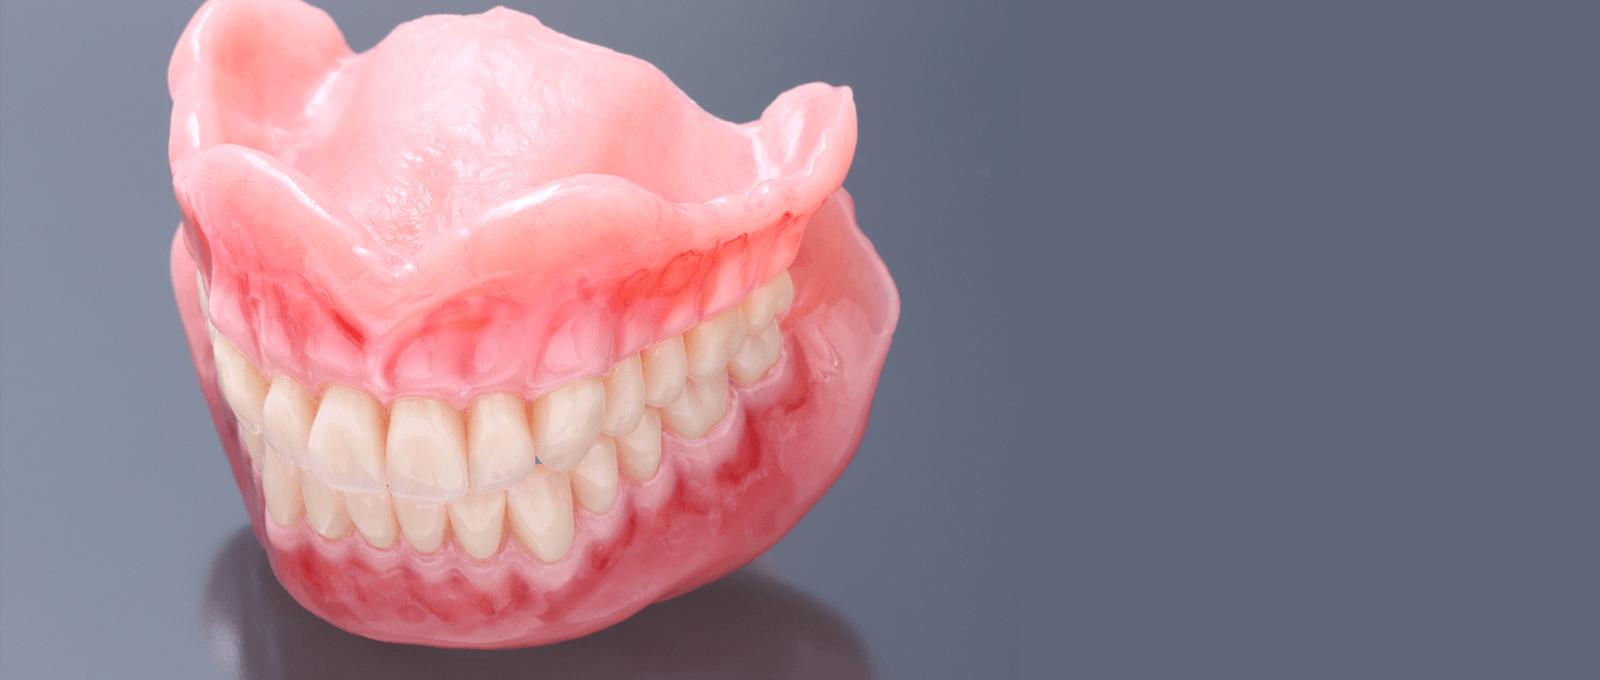 美しい入れ歯